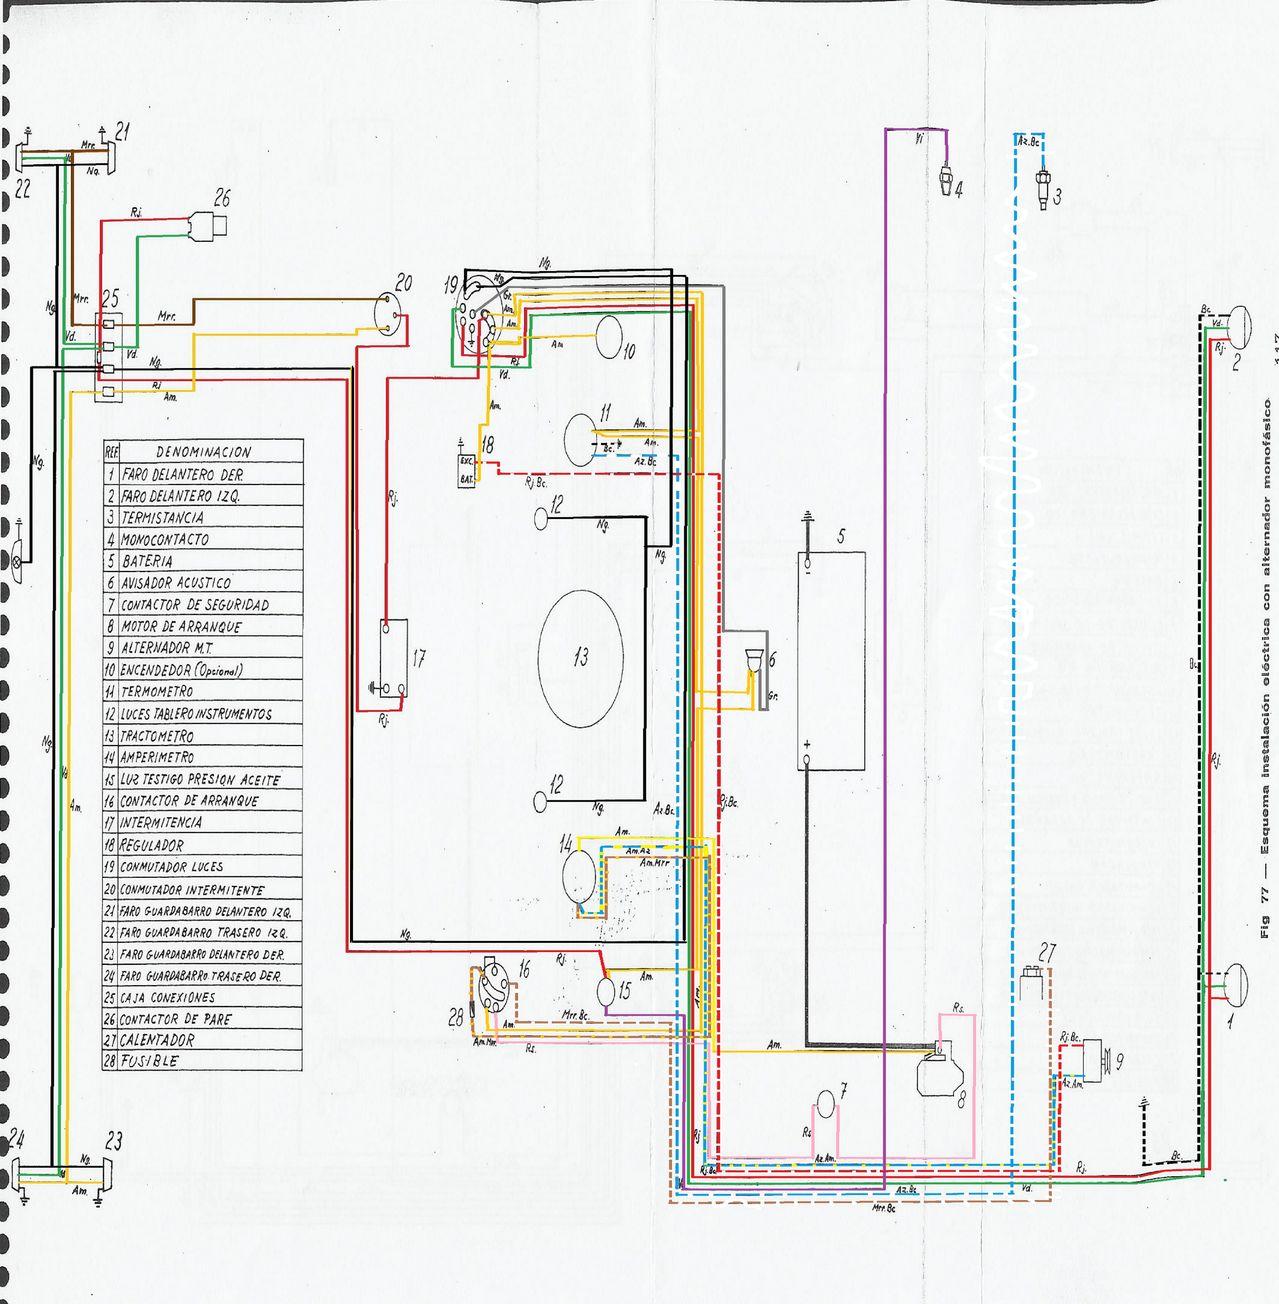 Mf 135 ebro instalaci n electrica - Cable instalacion electrica ...